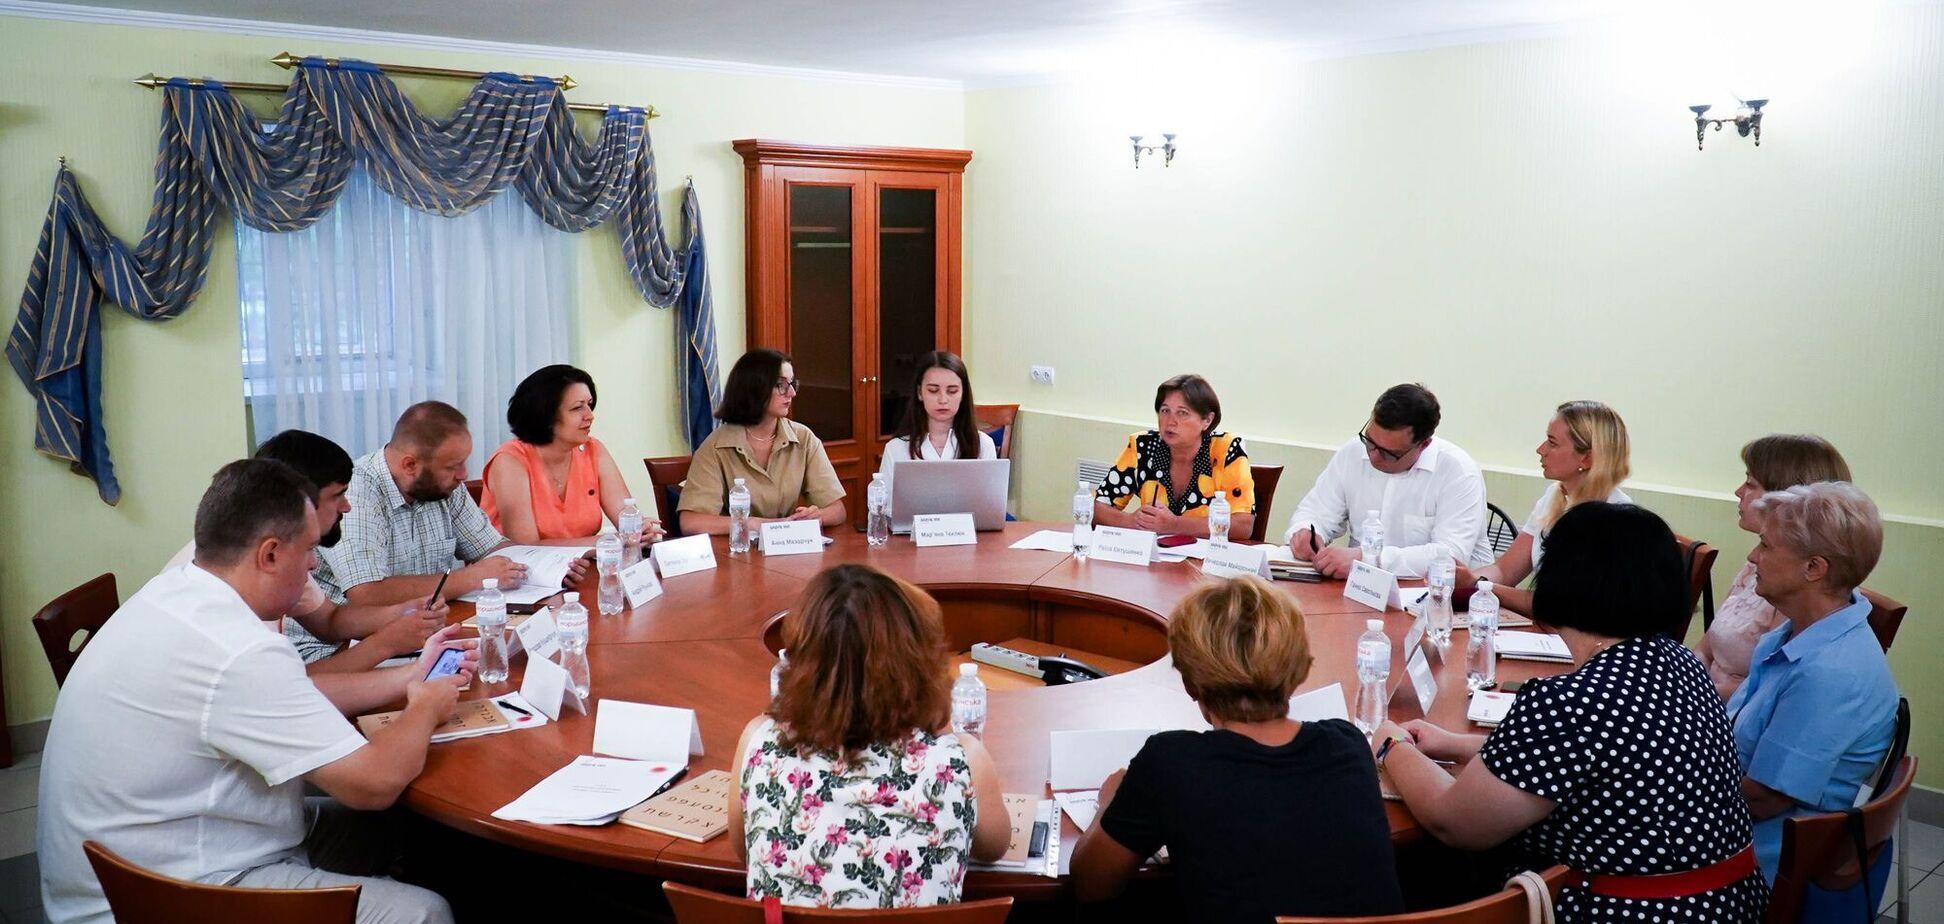 Робоча група при Міносвіти схвалила нову методику з викладання історії Голокосту в школах